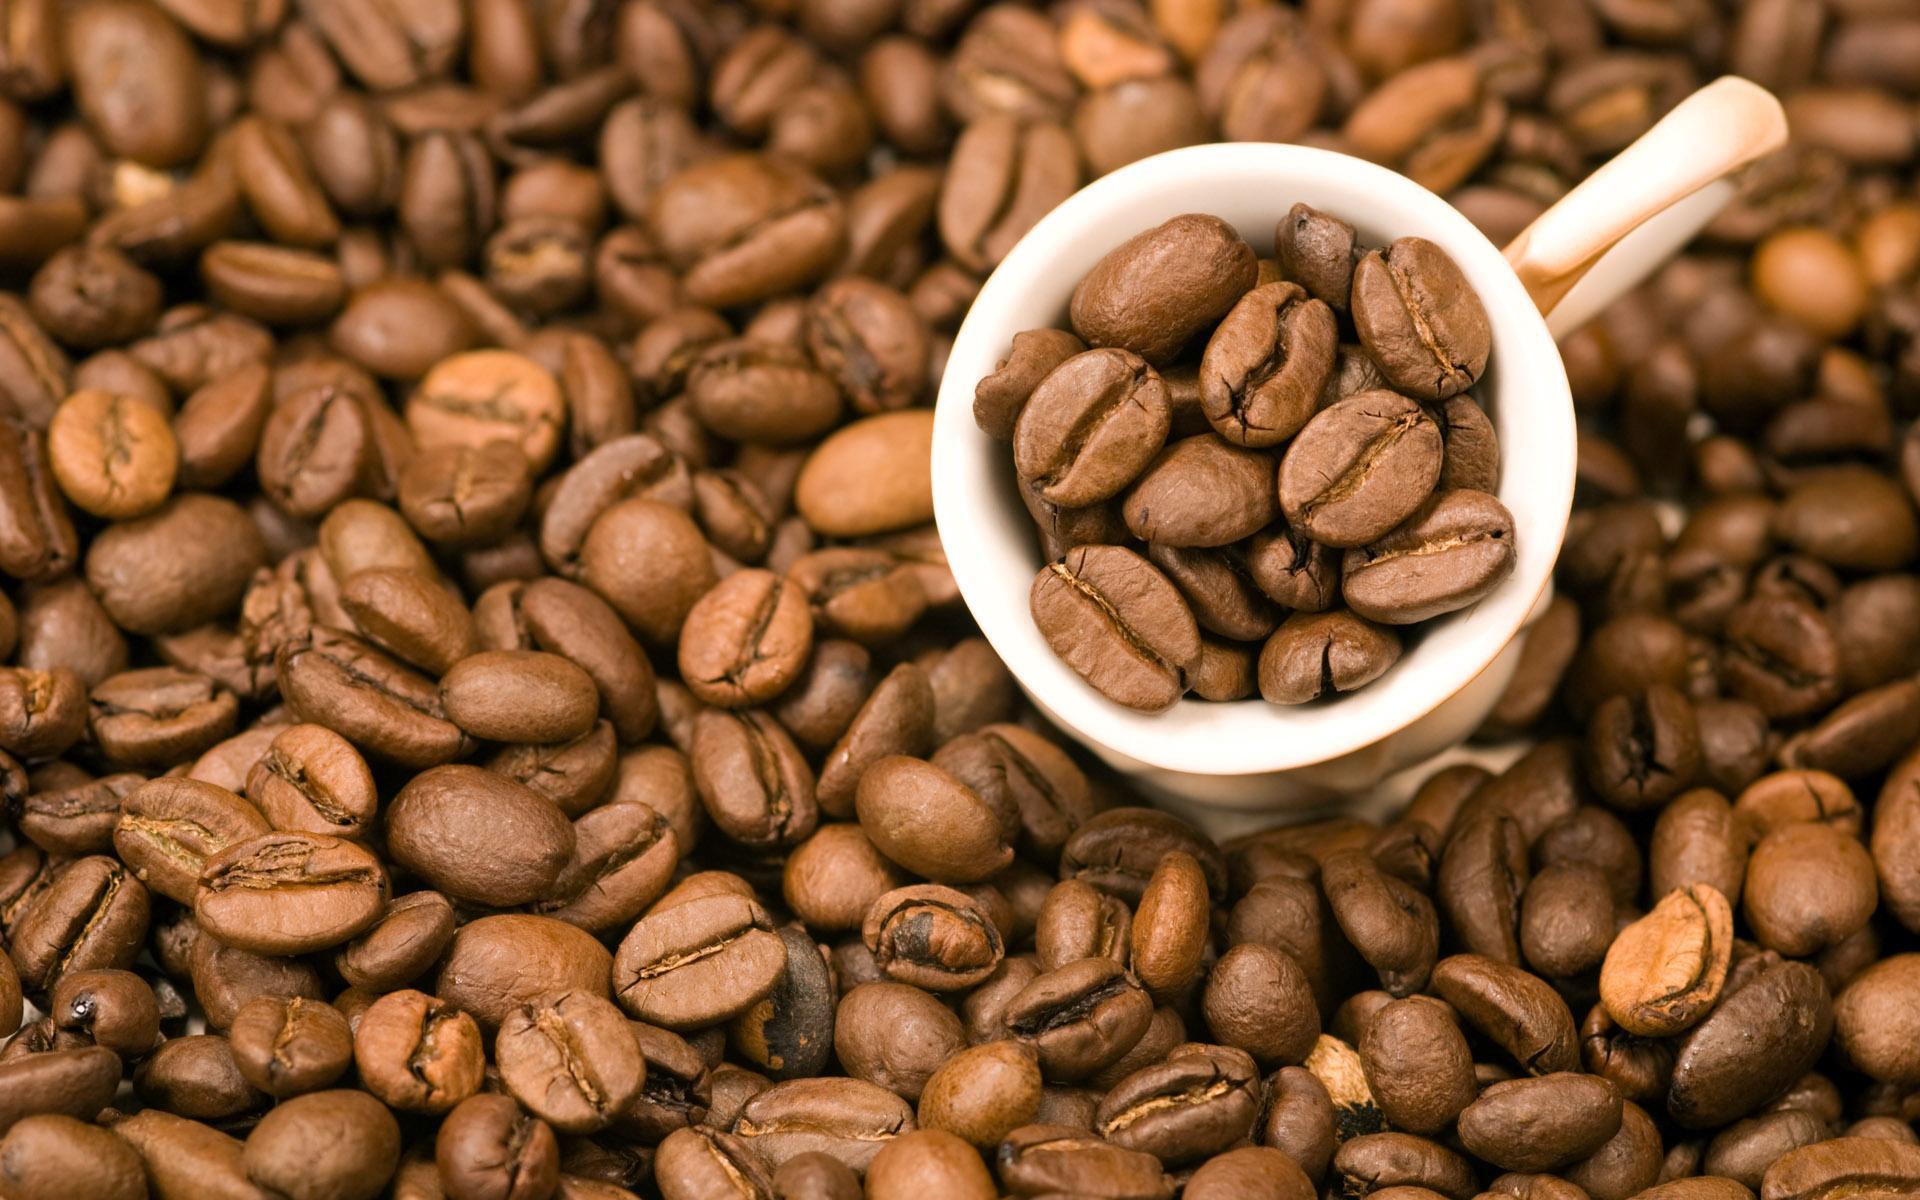 кофе, обои на рабочий стол, кофейные зерна в чашке